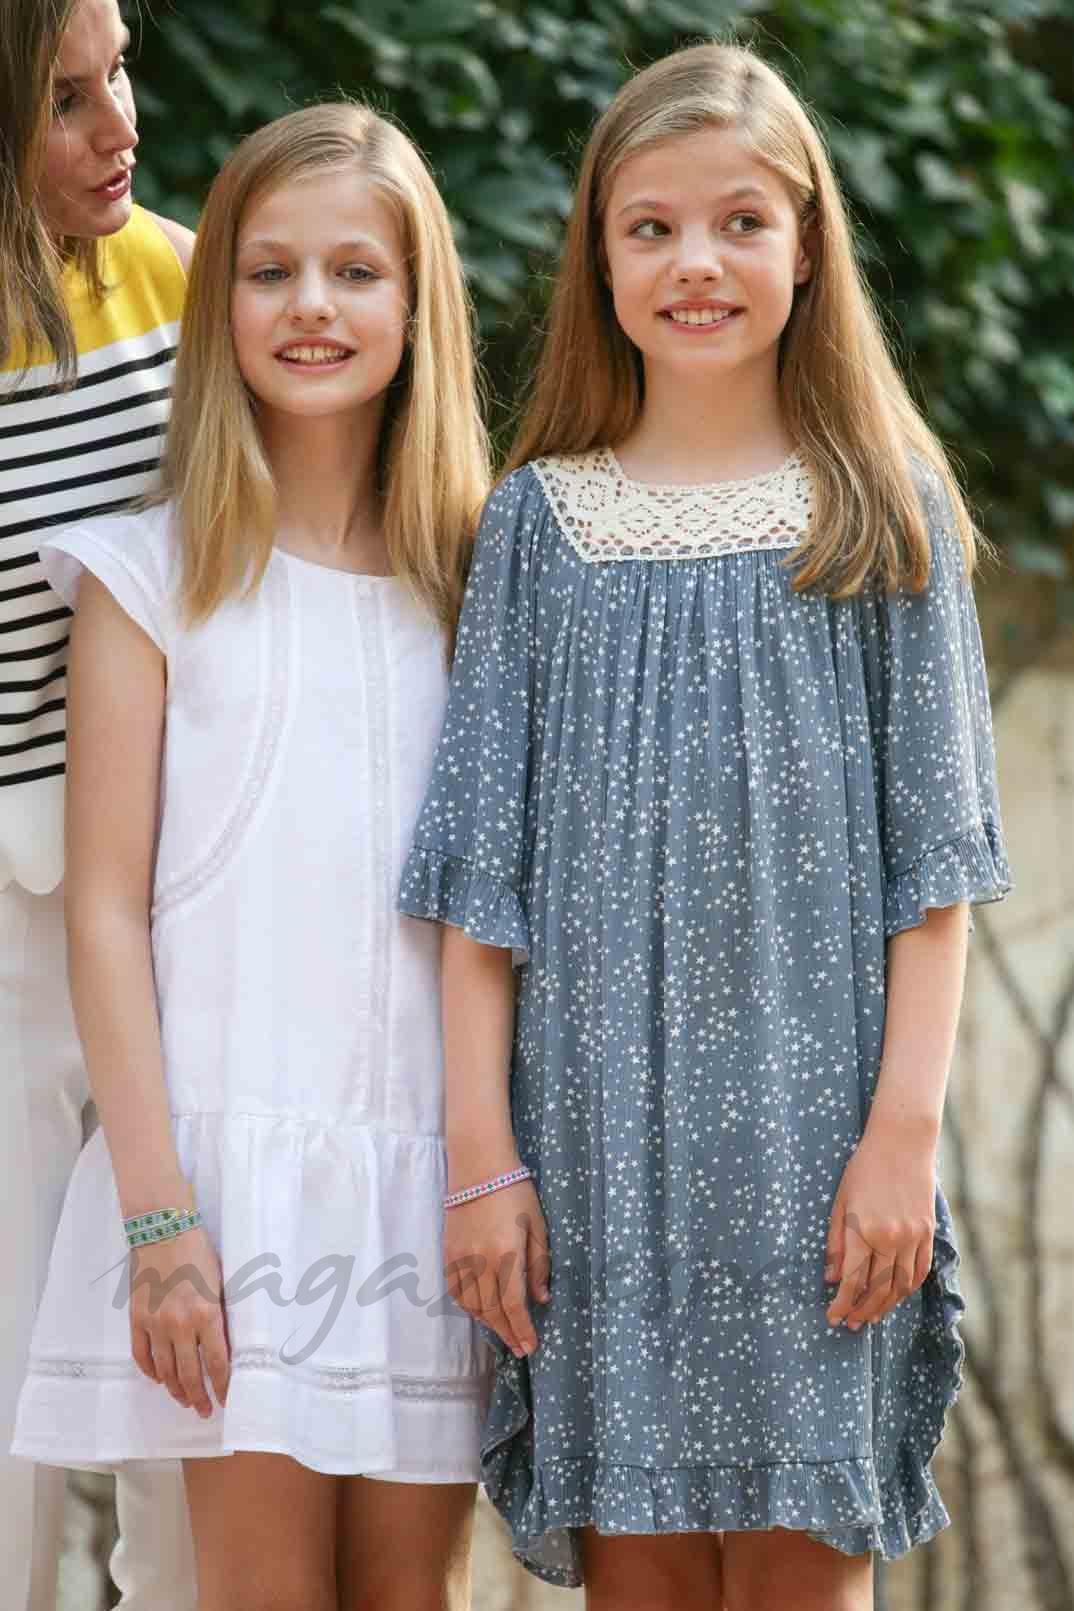 La princesa Leonor y la infanta Sofía se irán de campamento a Estados Unidos